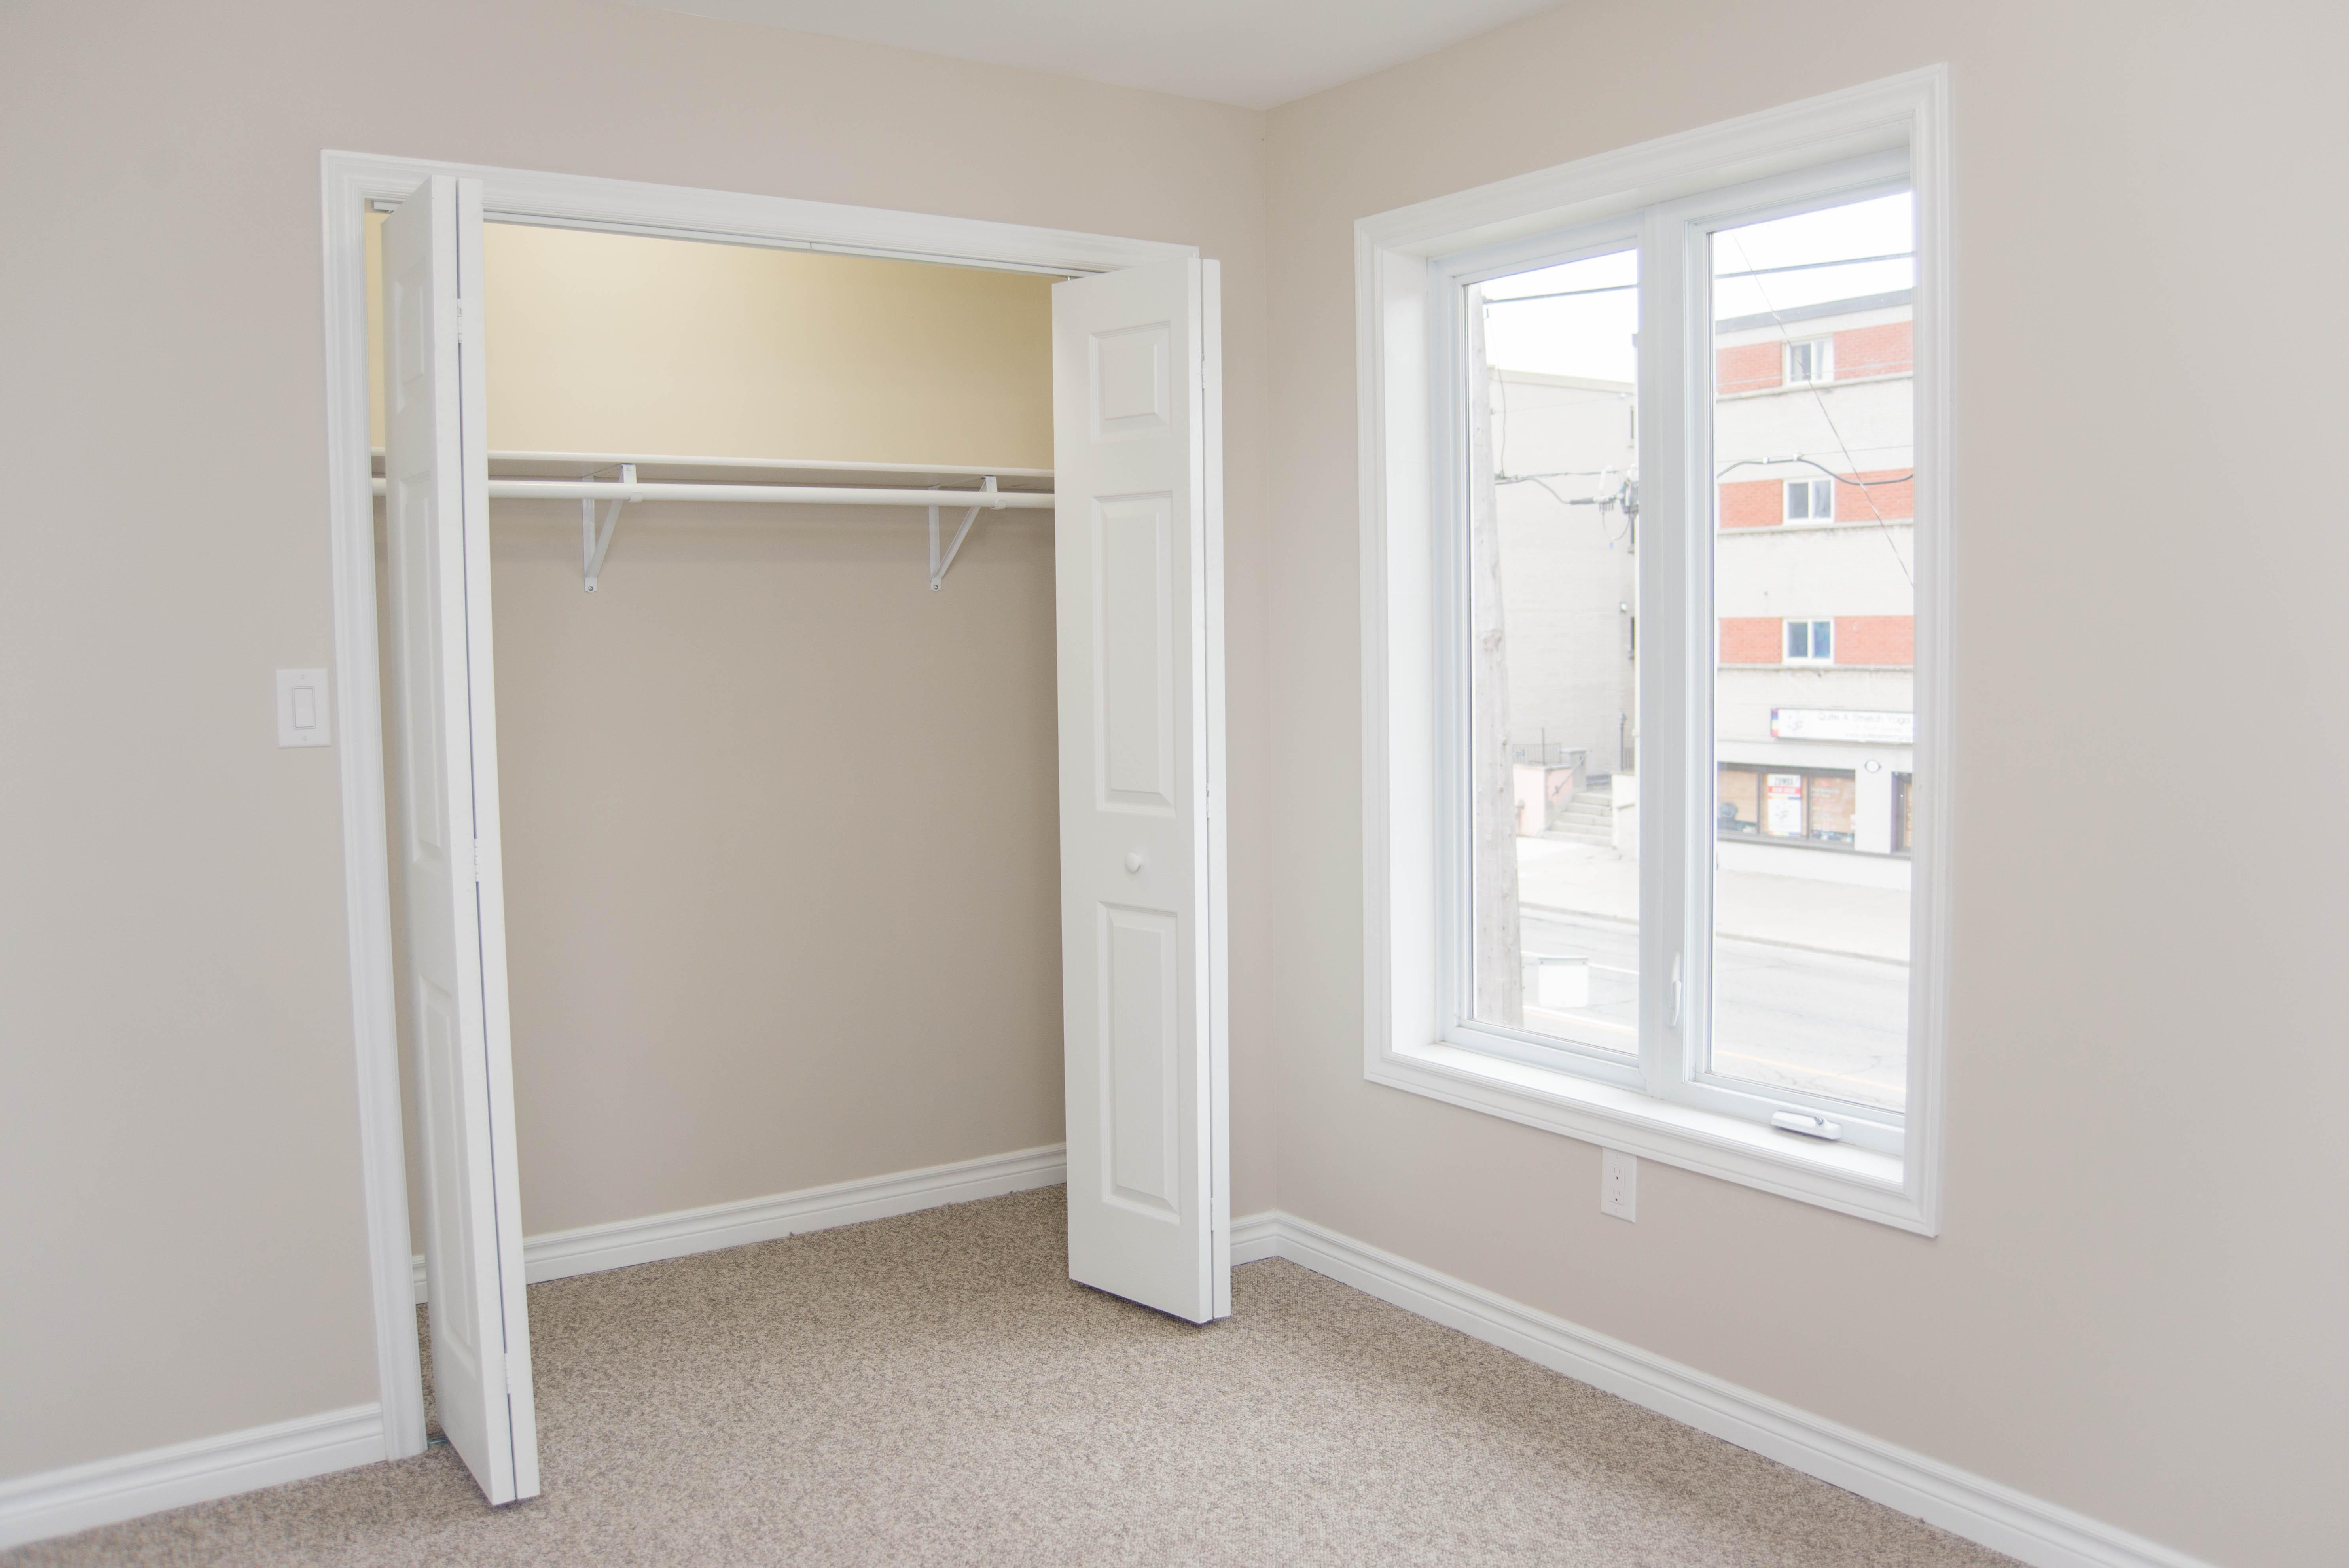 3 Bedroom - Bedroom #2